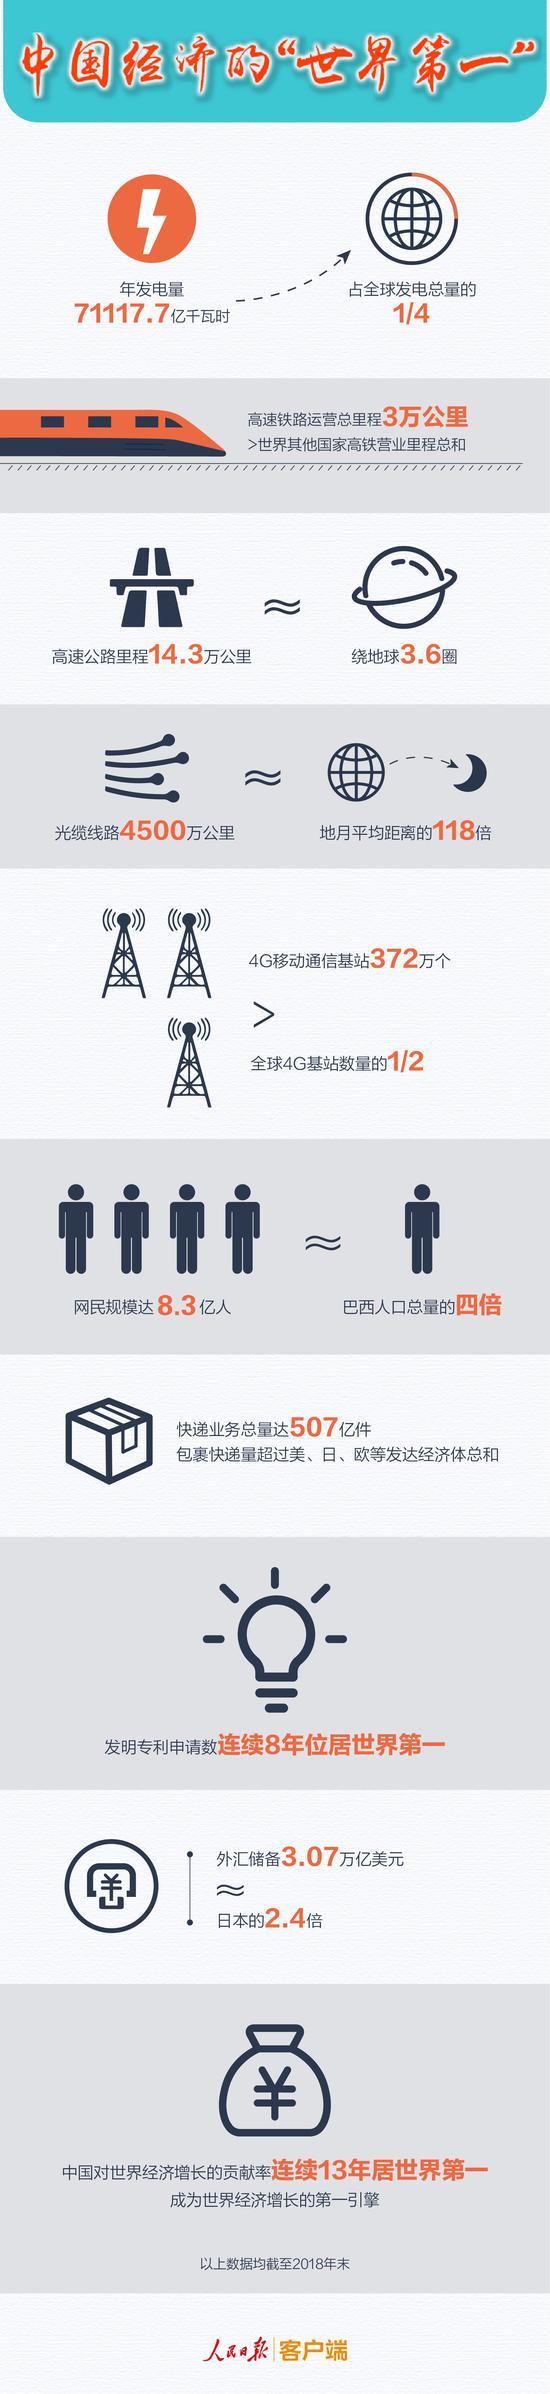 """图解:《中国经济的""""世界第一""""》"""